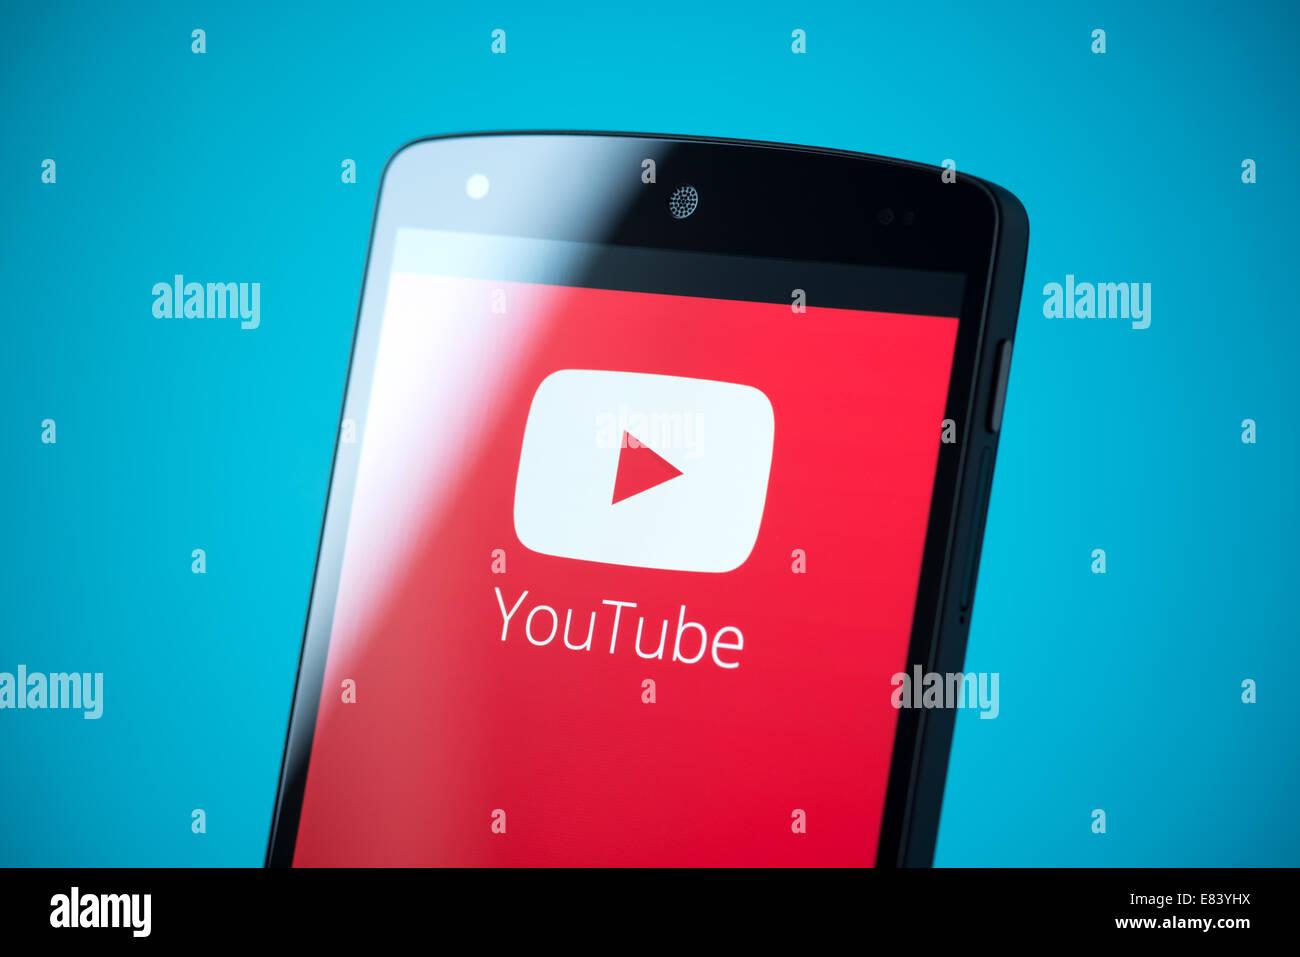 Gros plan de tout nouveau Google Nexus 5, propulsé par Android 4.4, version avec logo YouTube sur un écran. Banque D'Images